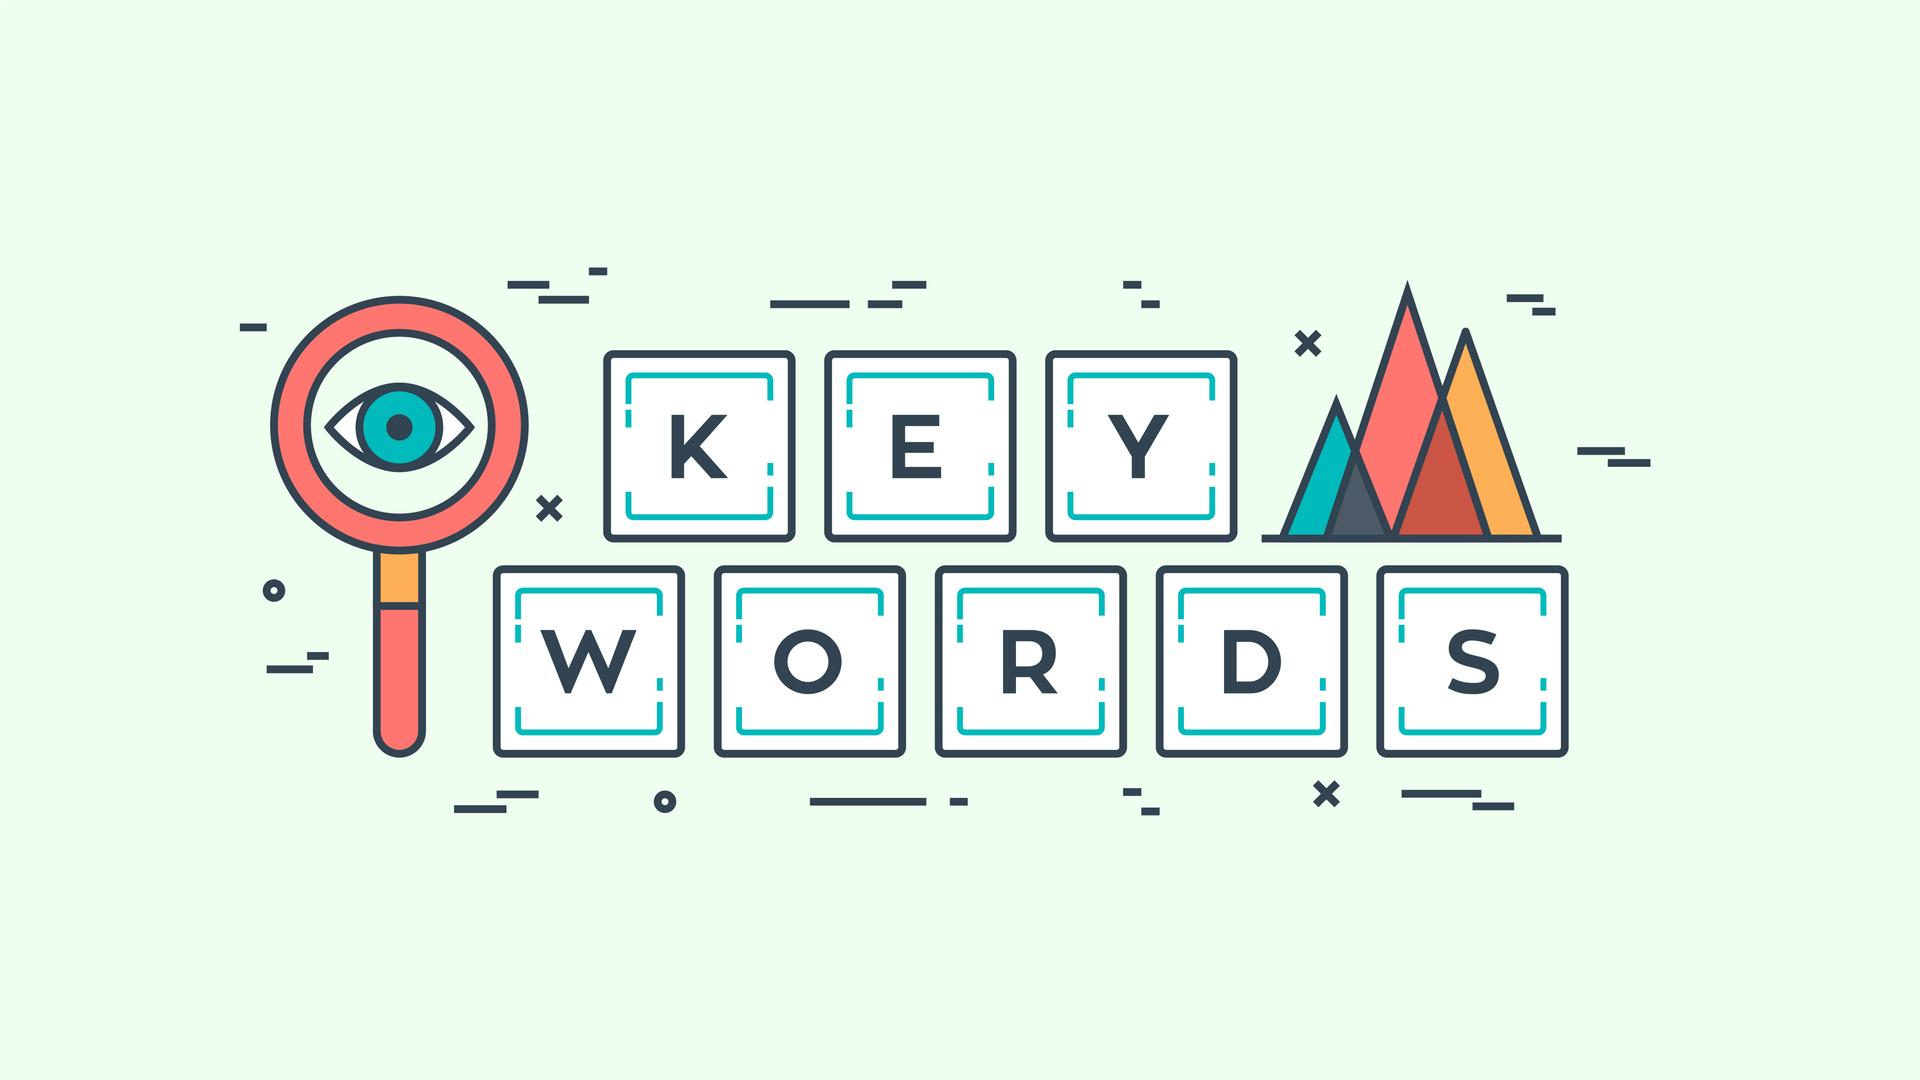 Las 1 palabras clave principales para la optimización de motores de búsqueda de Google